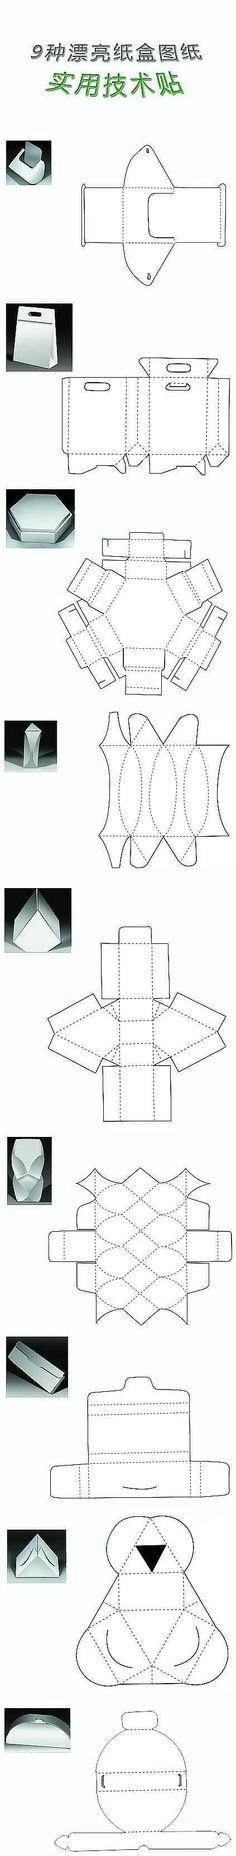 技术贴,纸盒9种做法。哟哟。【阿团丸子】